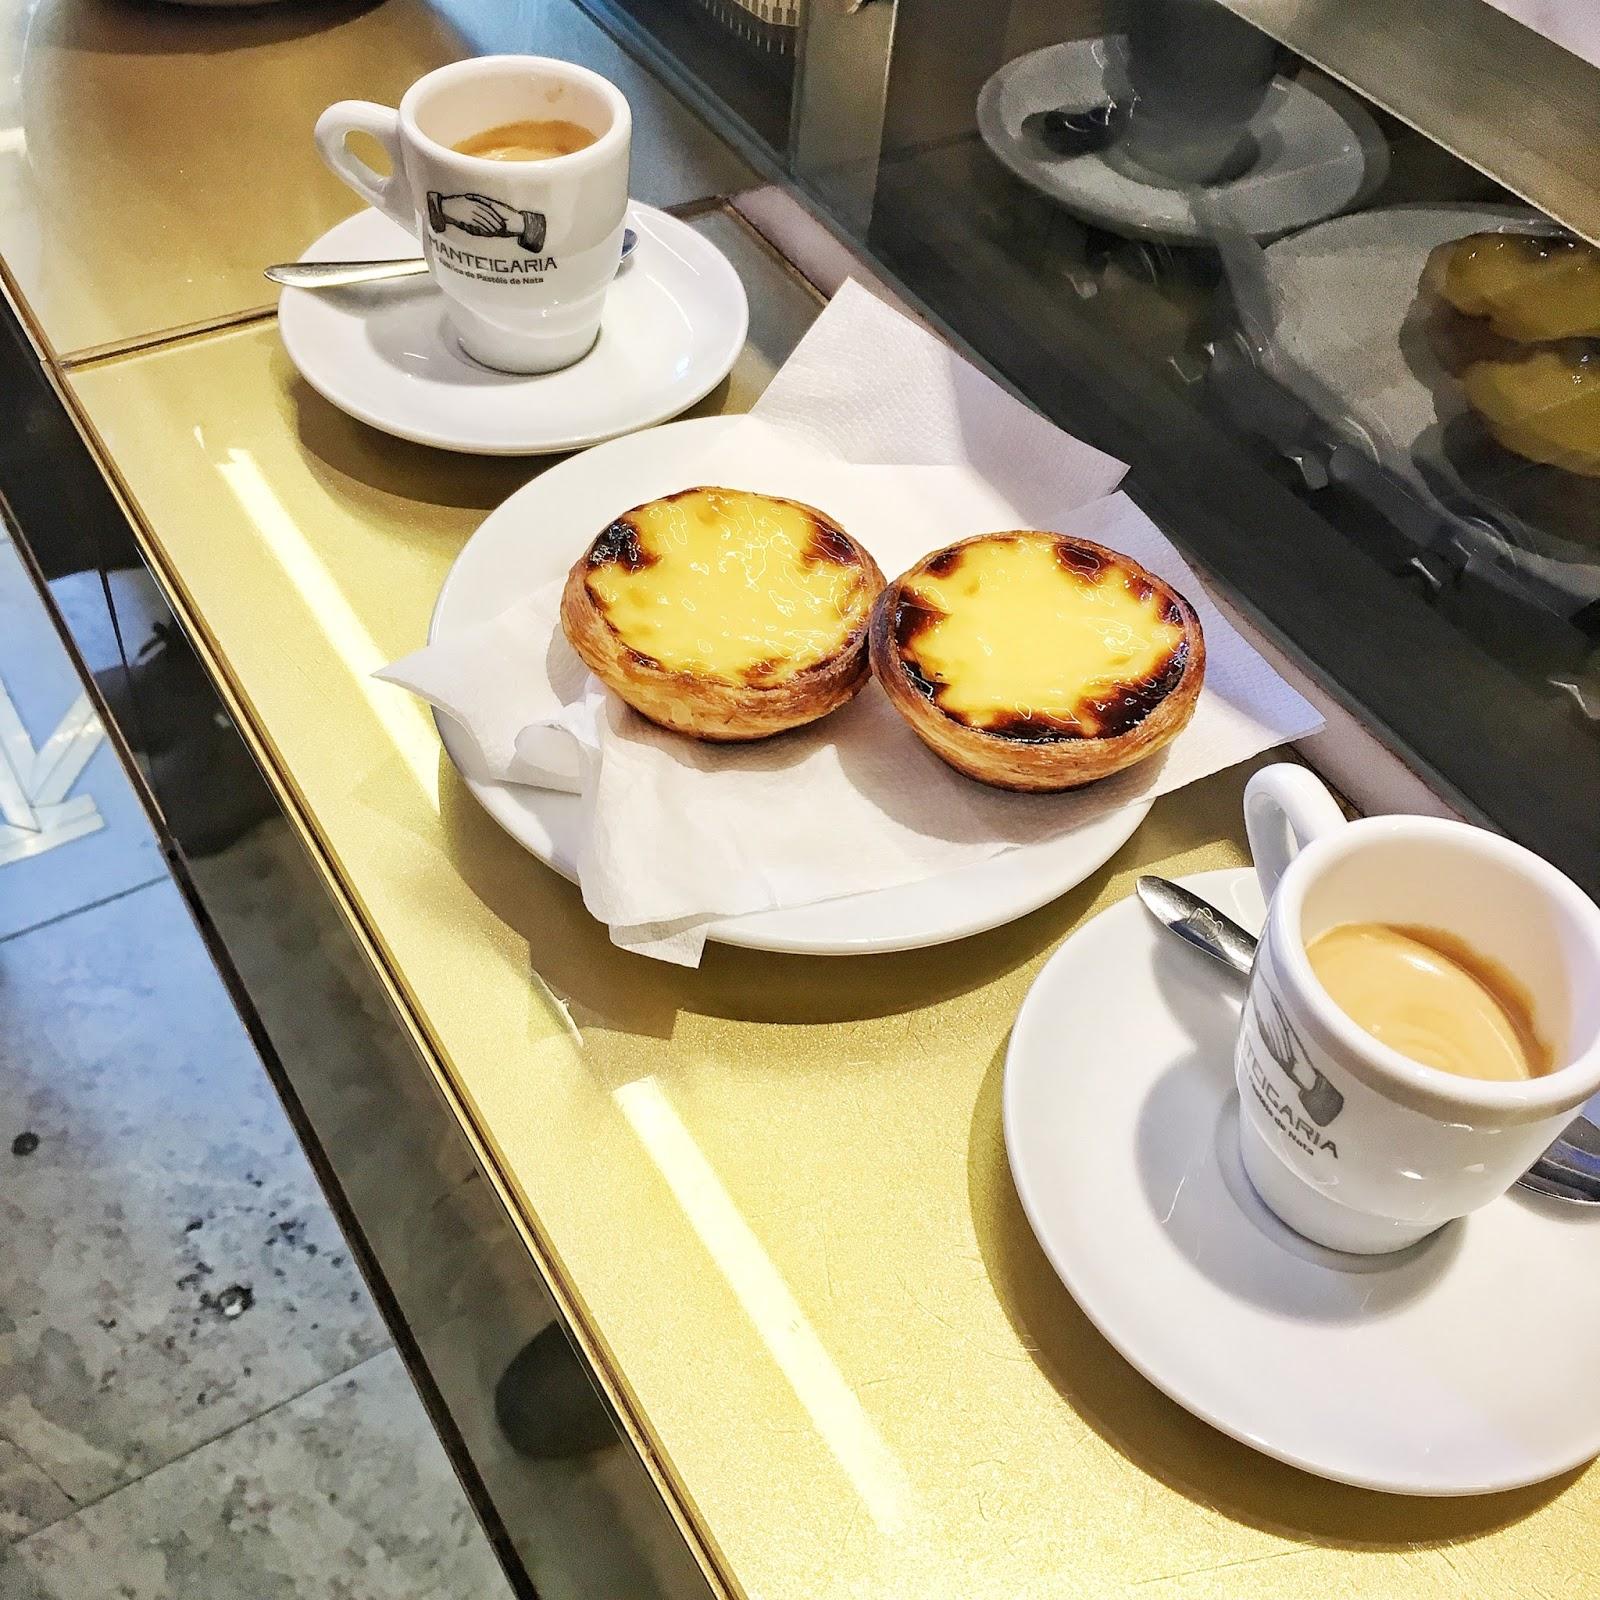 Pasteis de Nata, Manteigaria, Lisbon